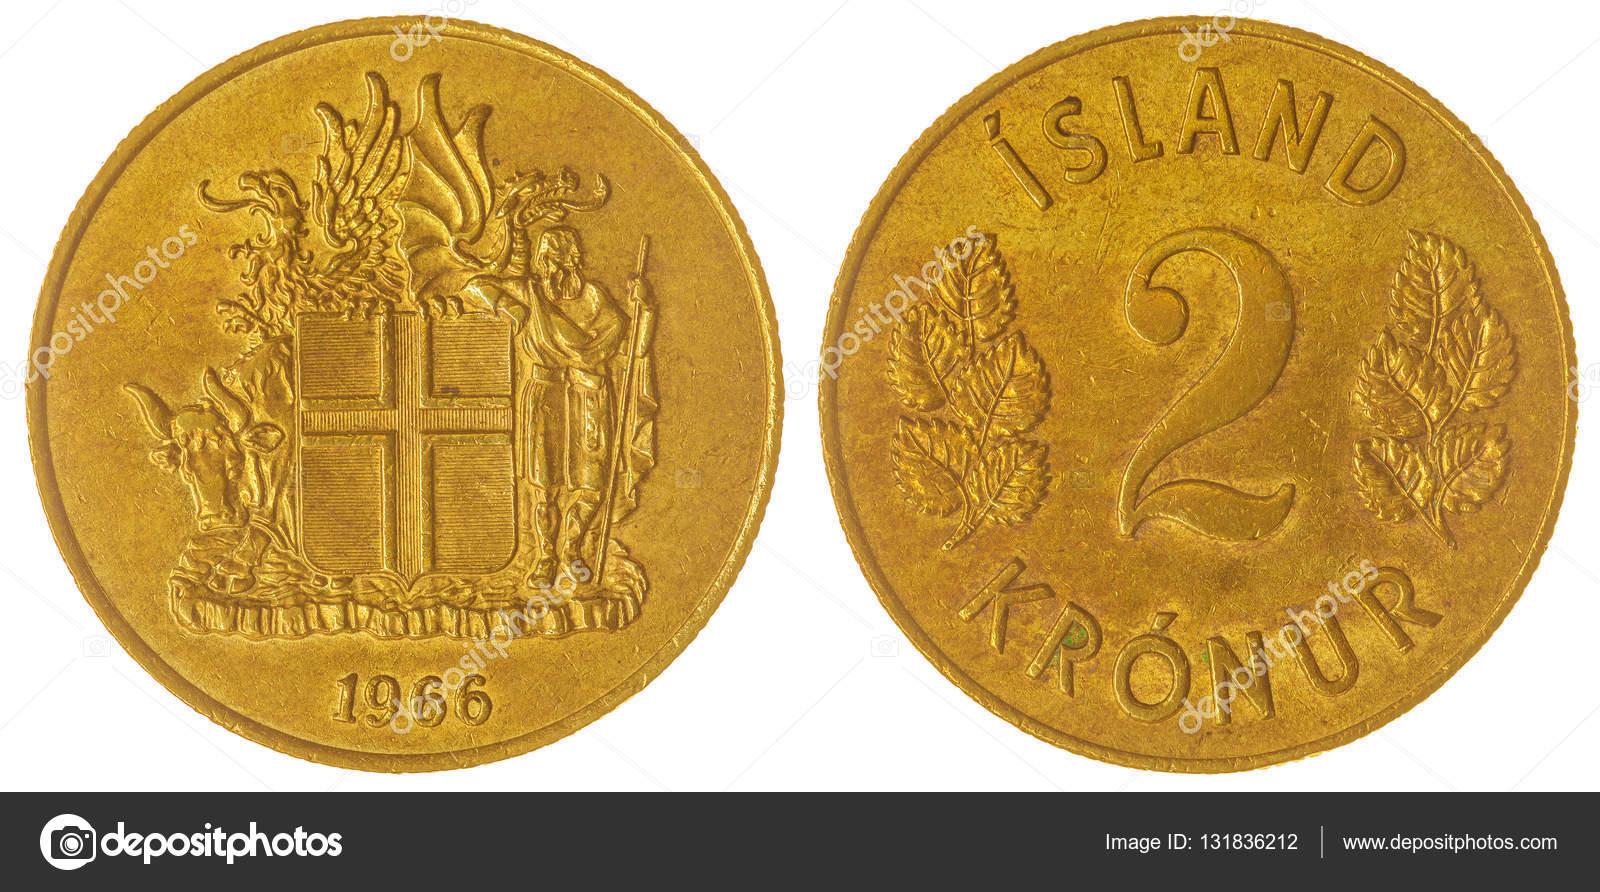 2 Wechseln 1966 Münze Isoliert Auf Weißem Hintergrund Island